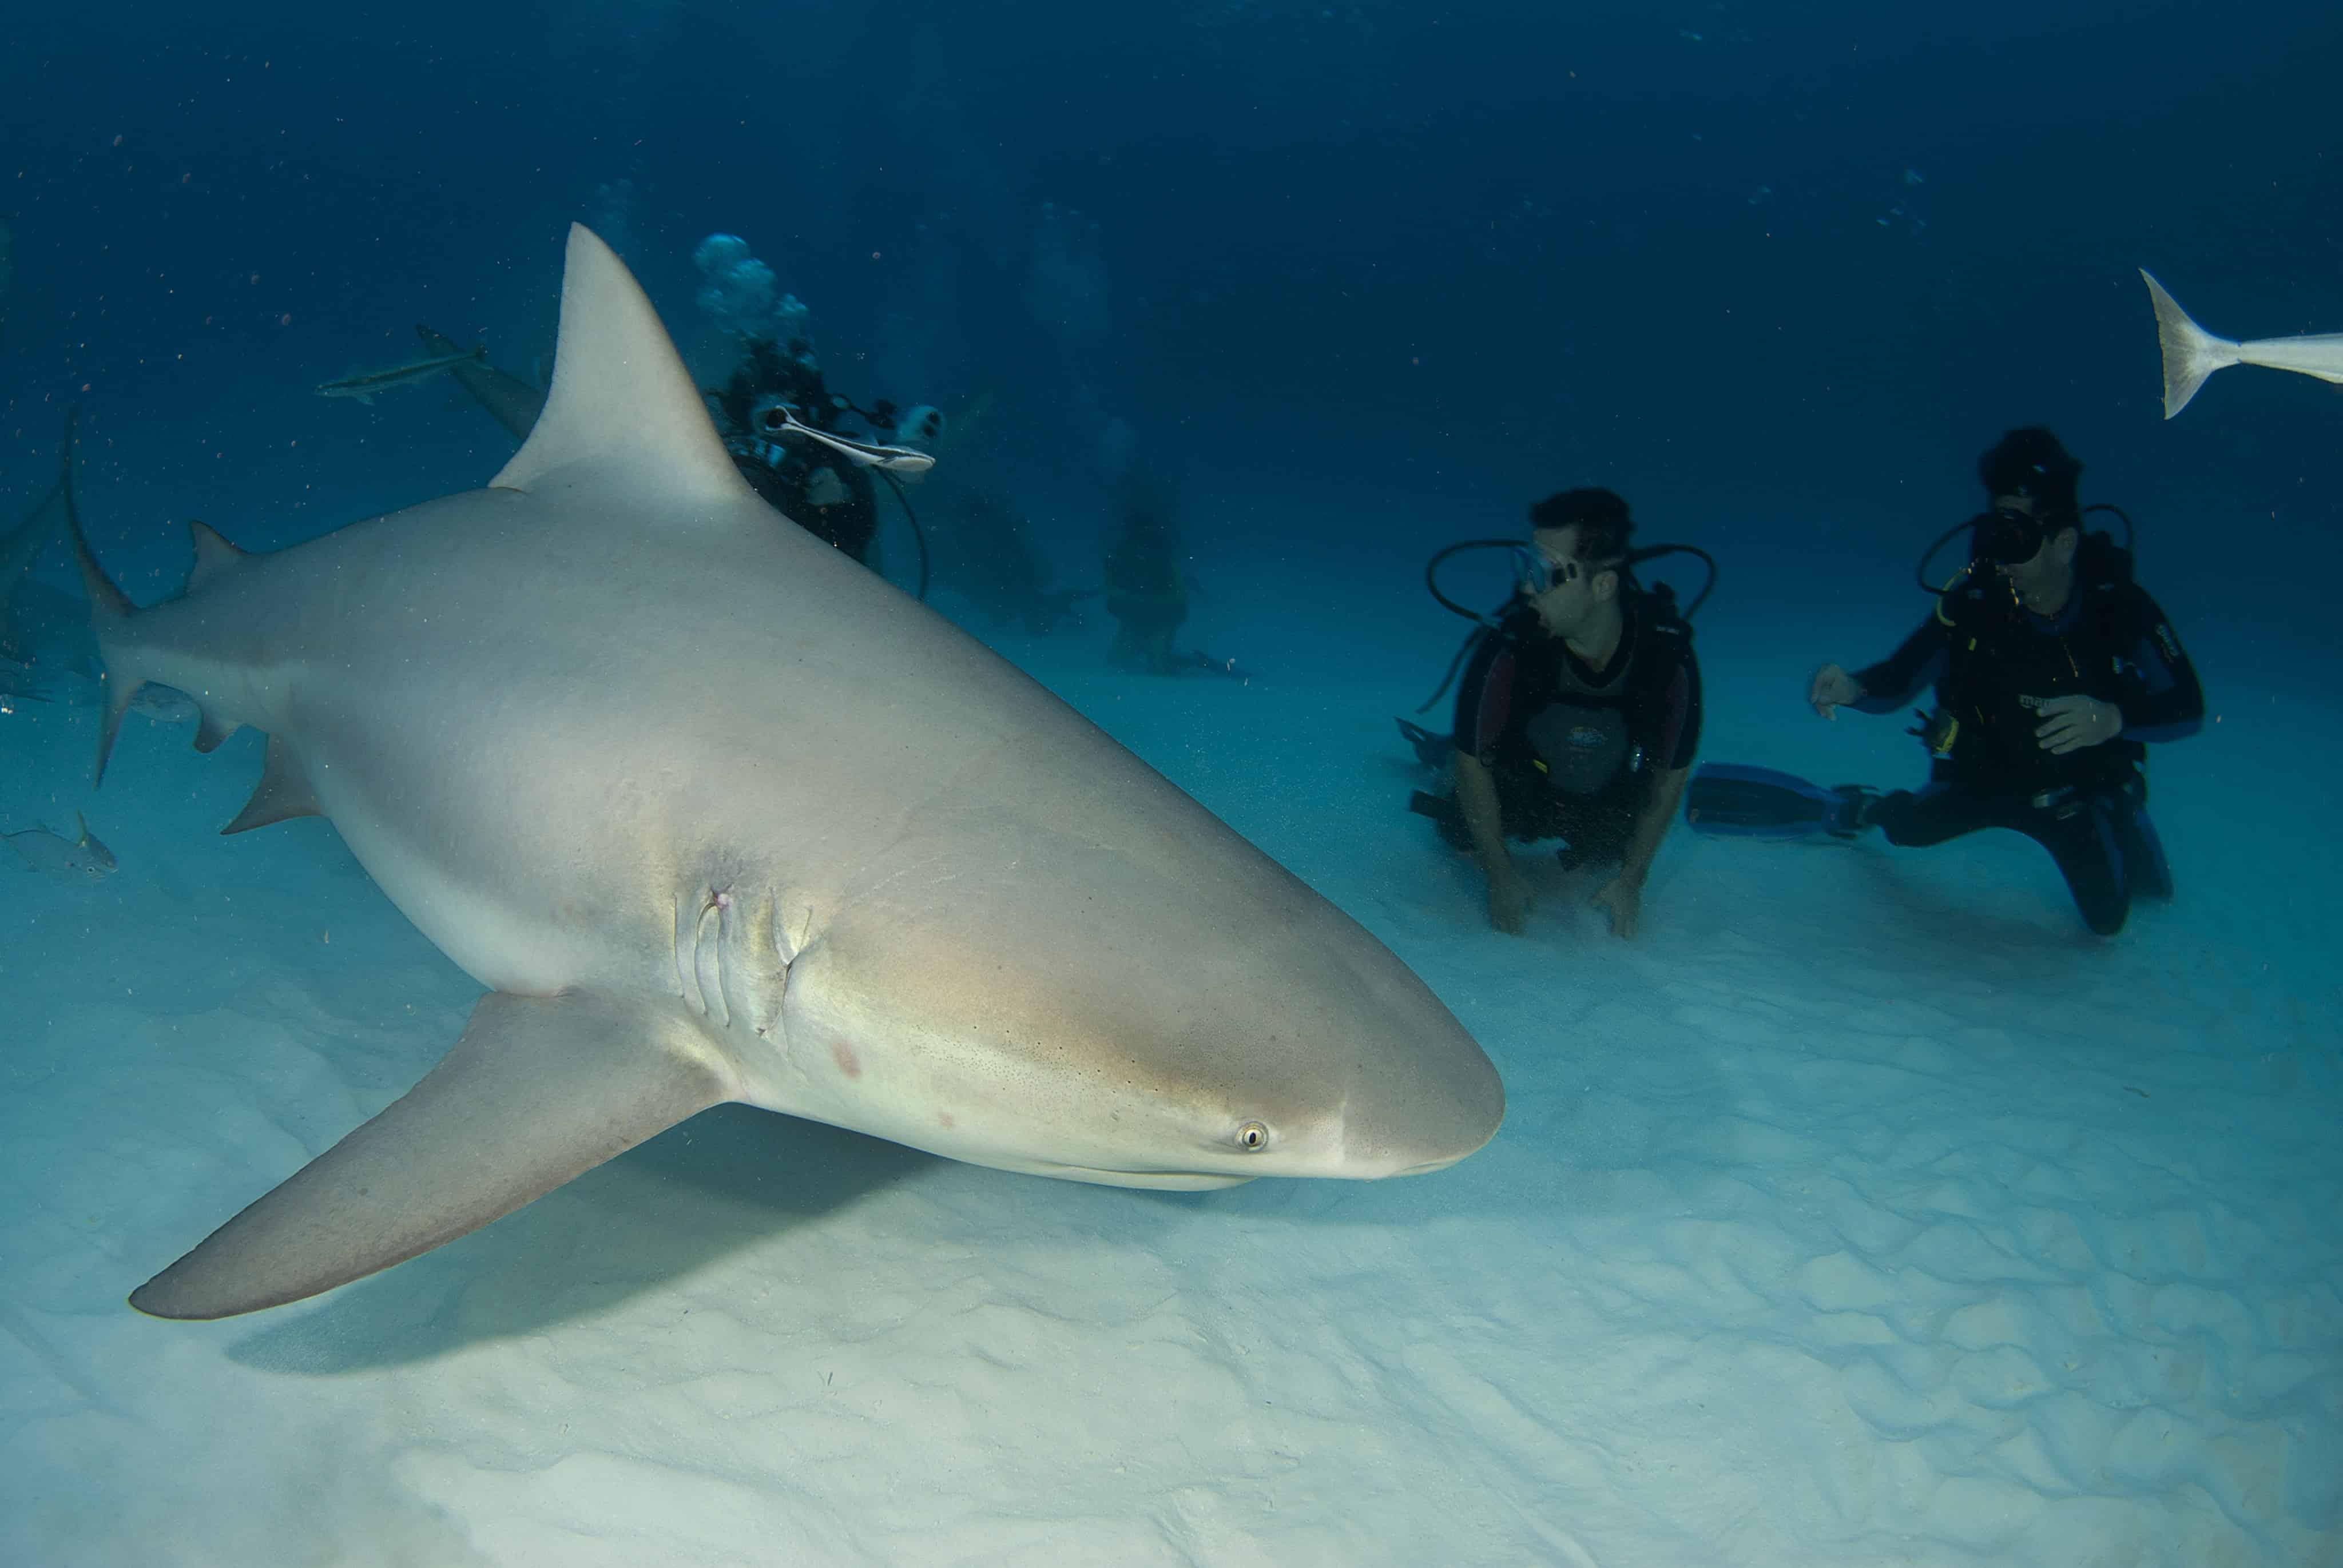 SHARKSCHOOL 2020 - Pro Dive International